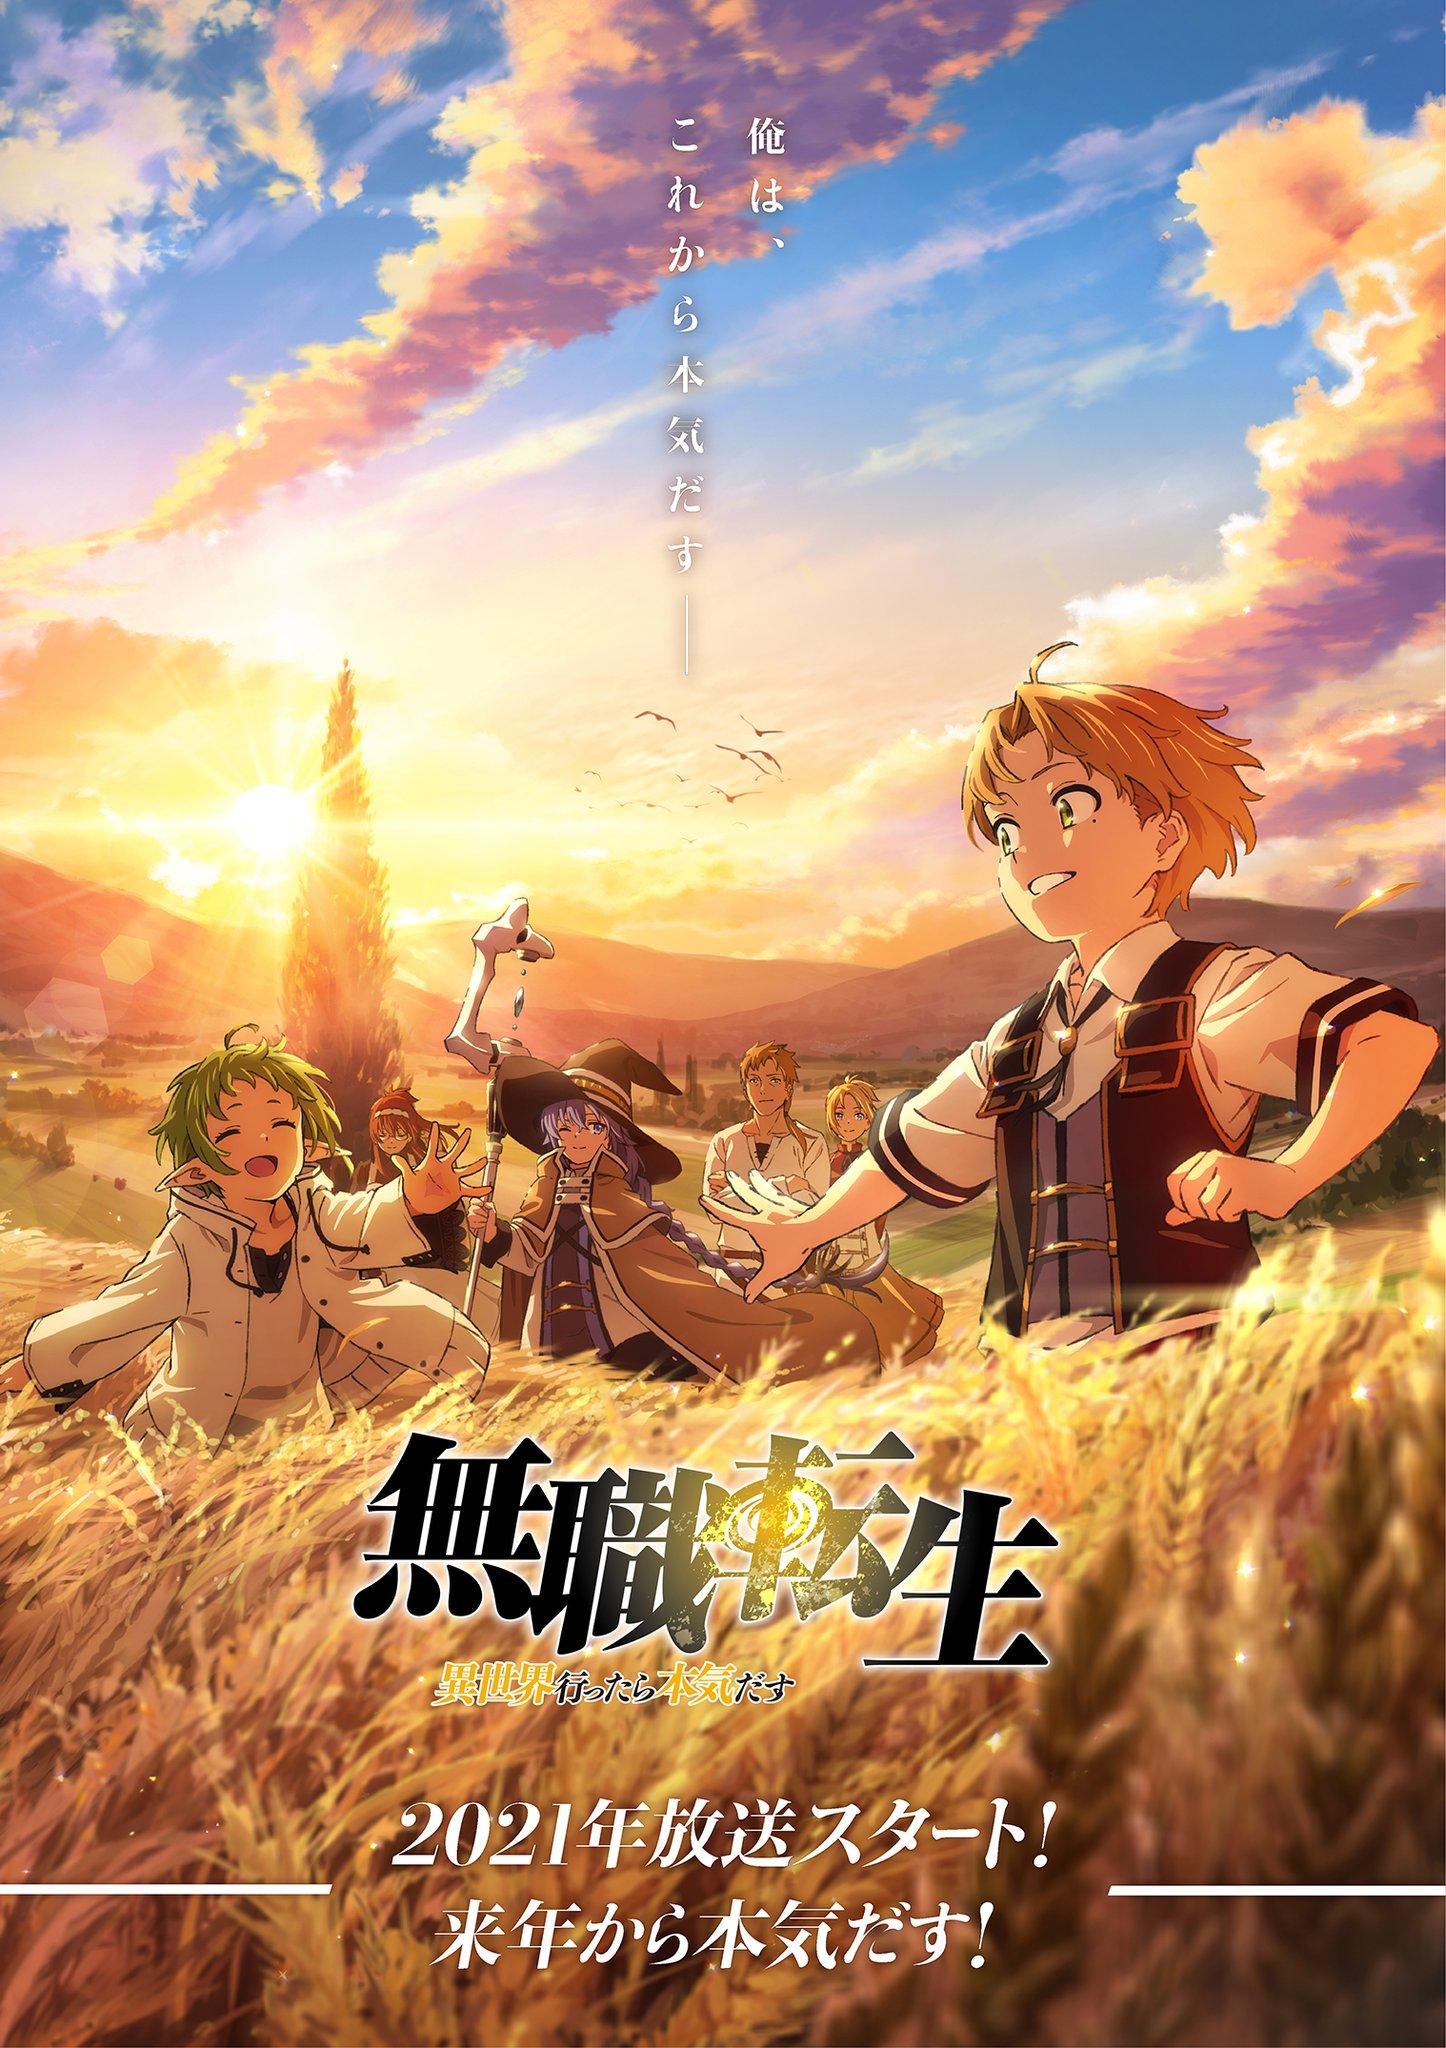 Mushoku Tensei -Isekai Ittara Honki Dasu (Sub Español)(1080p)(FHD) 01/